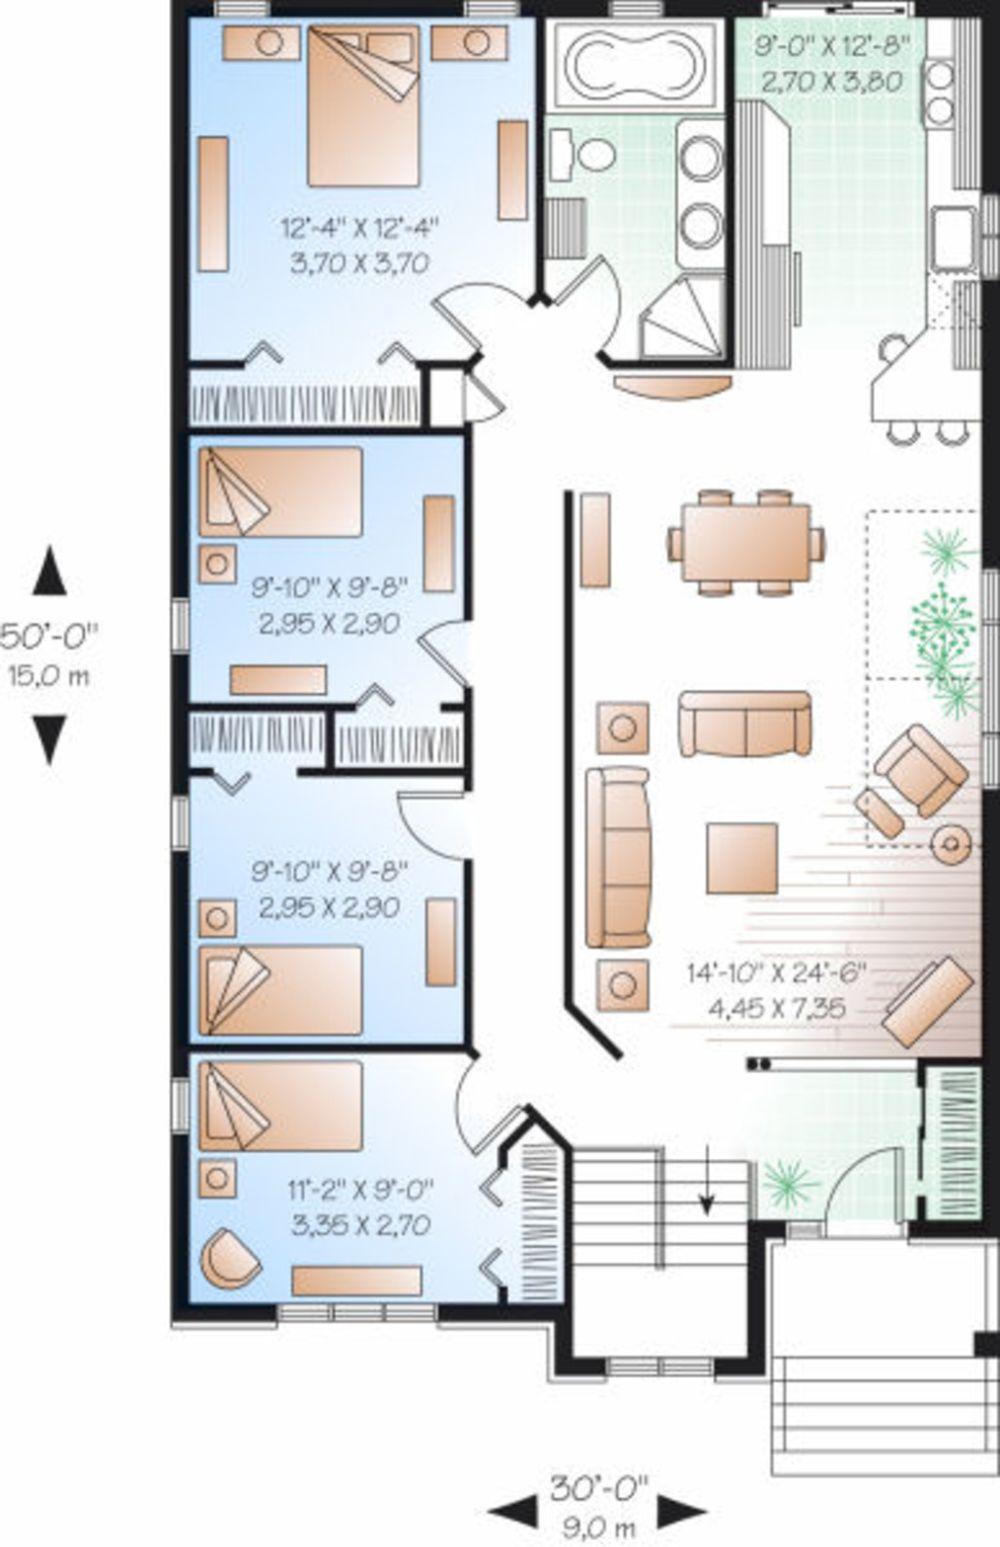 Plano de casa europea de 4 dormitorios en 1 planta for Casa procrear clasica techo inclinado 3 dormitorios